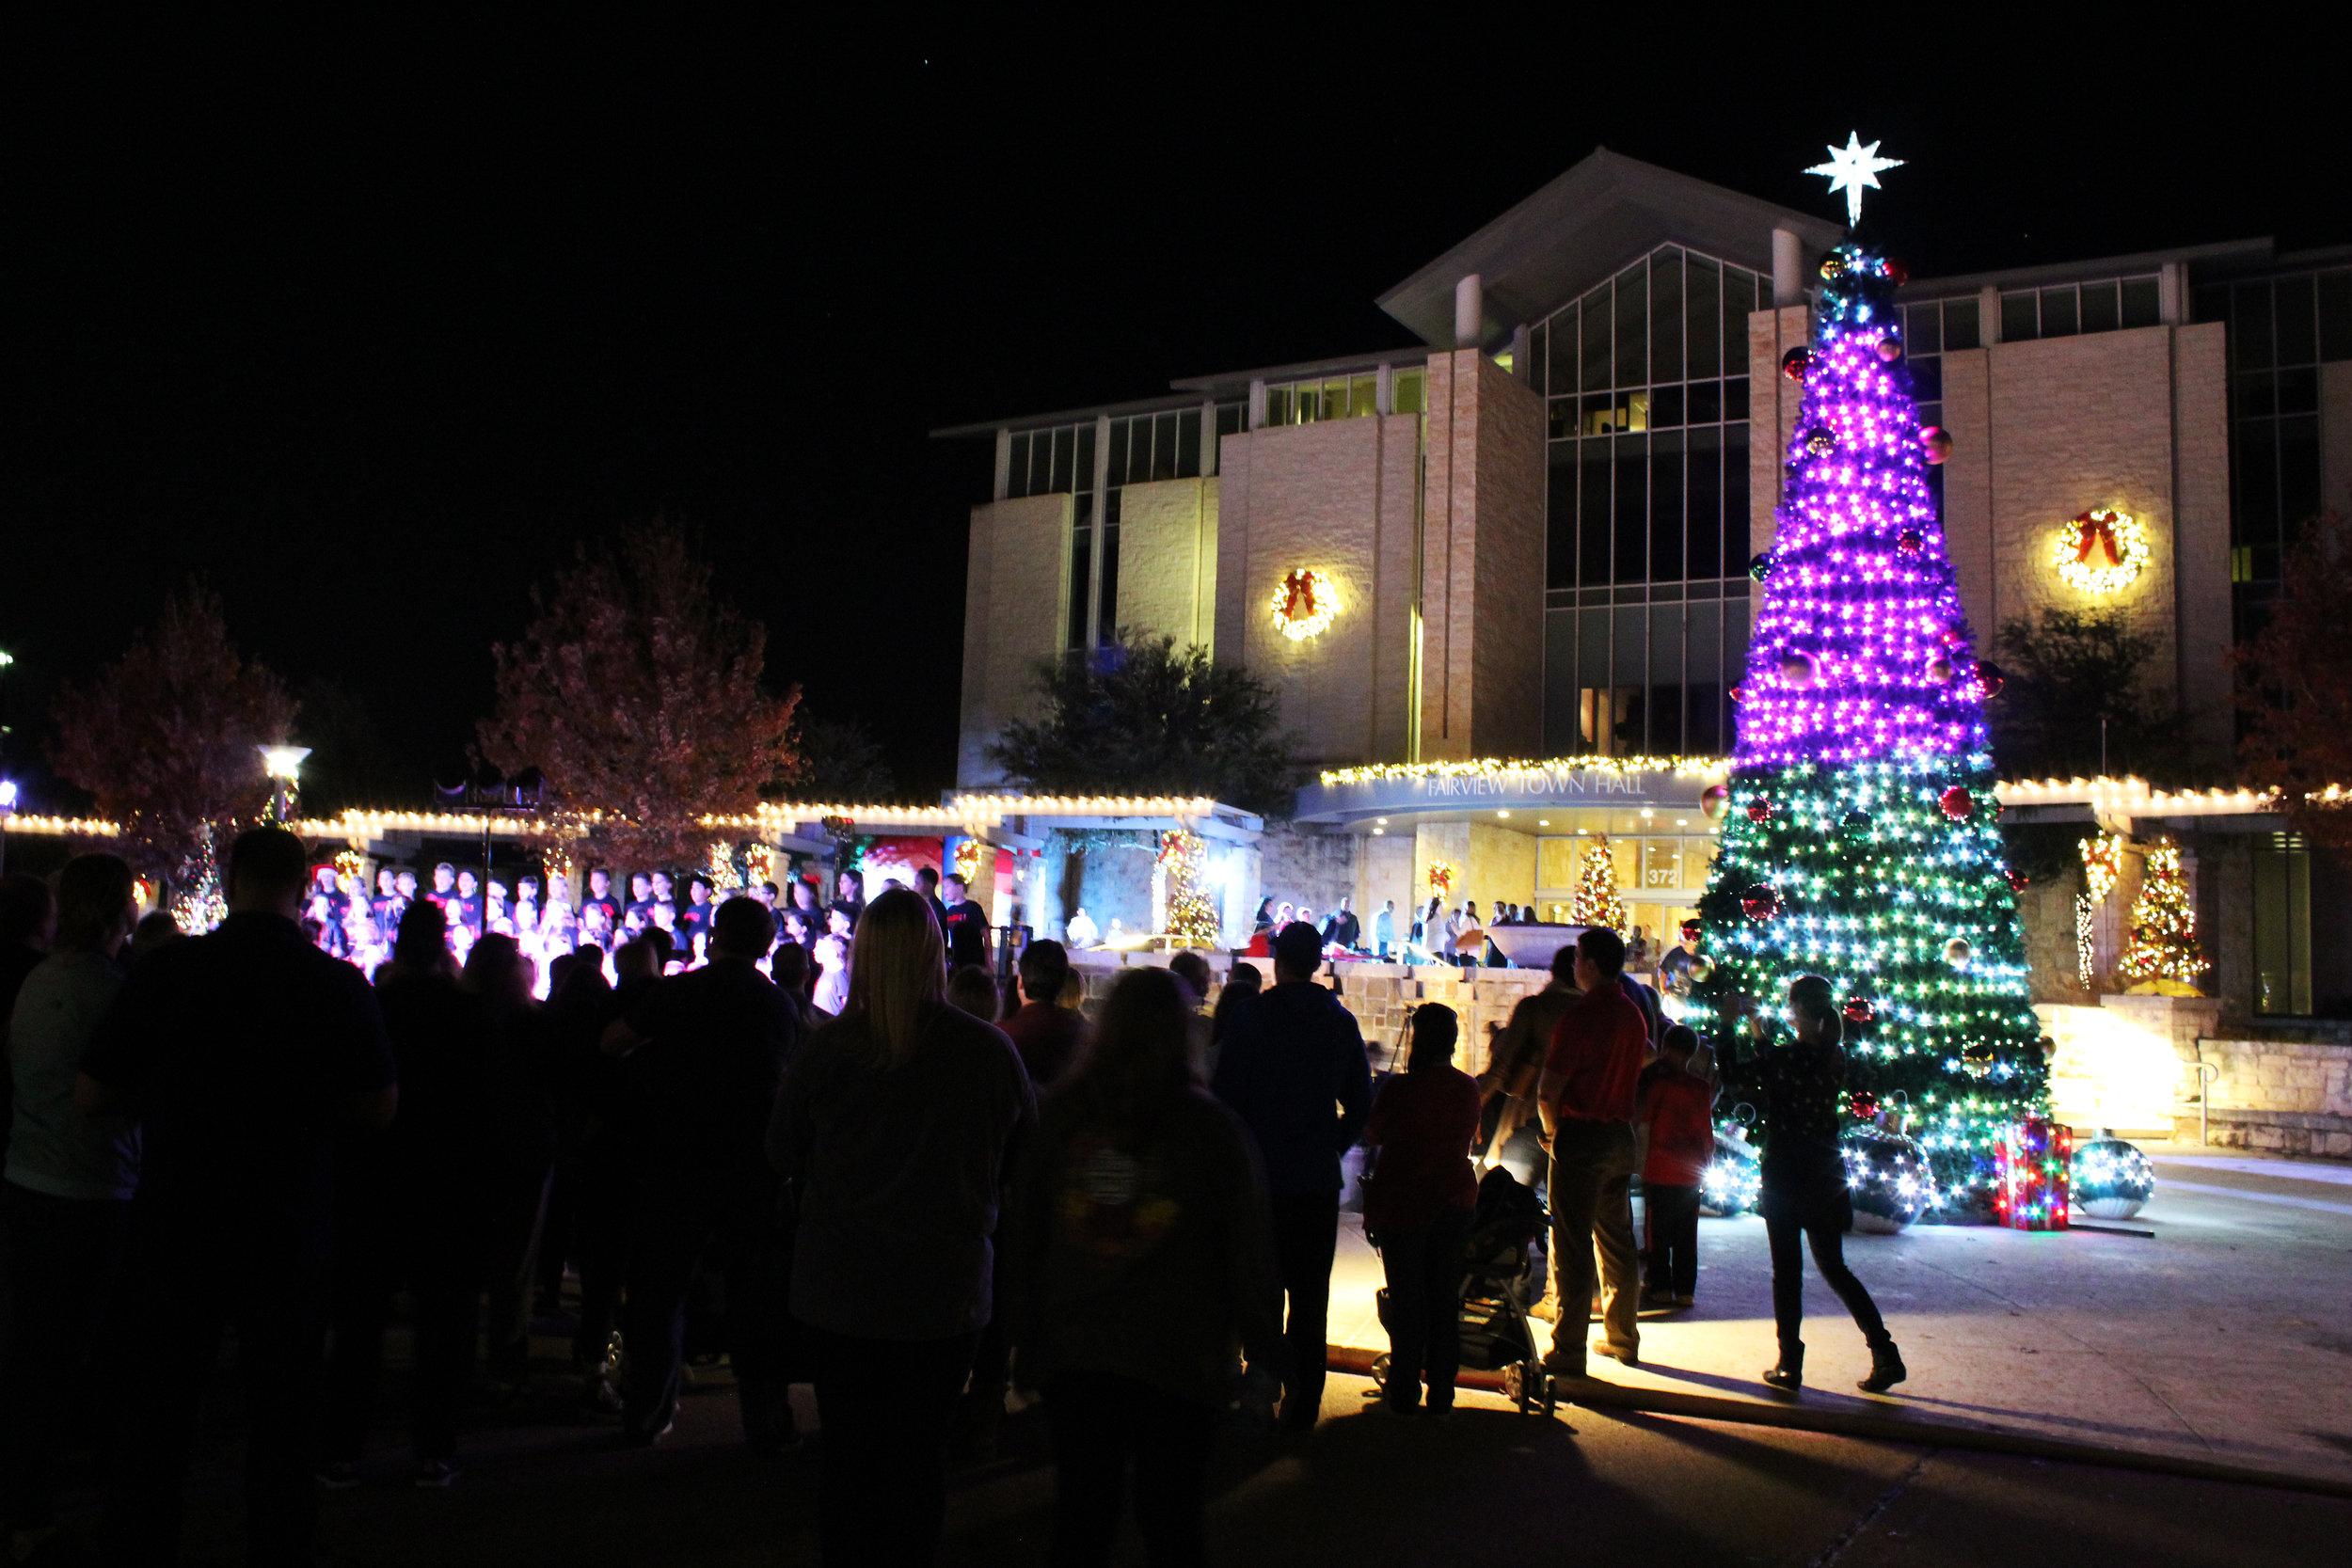 Fairview Christmas scene cover.jpg